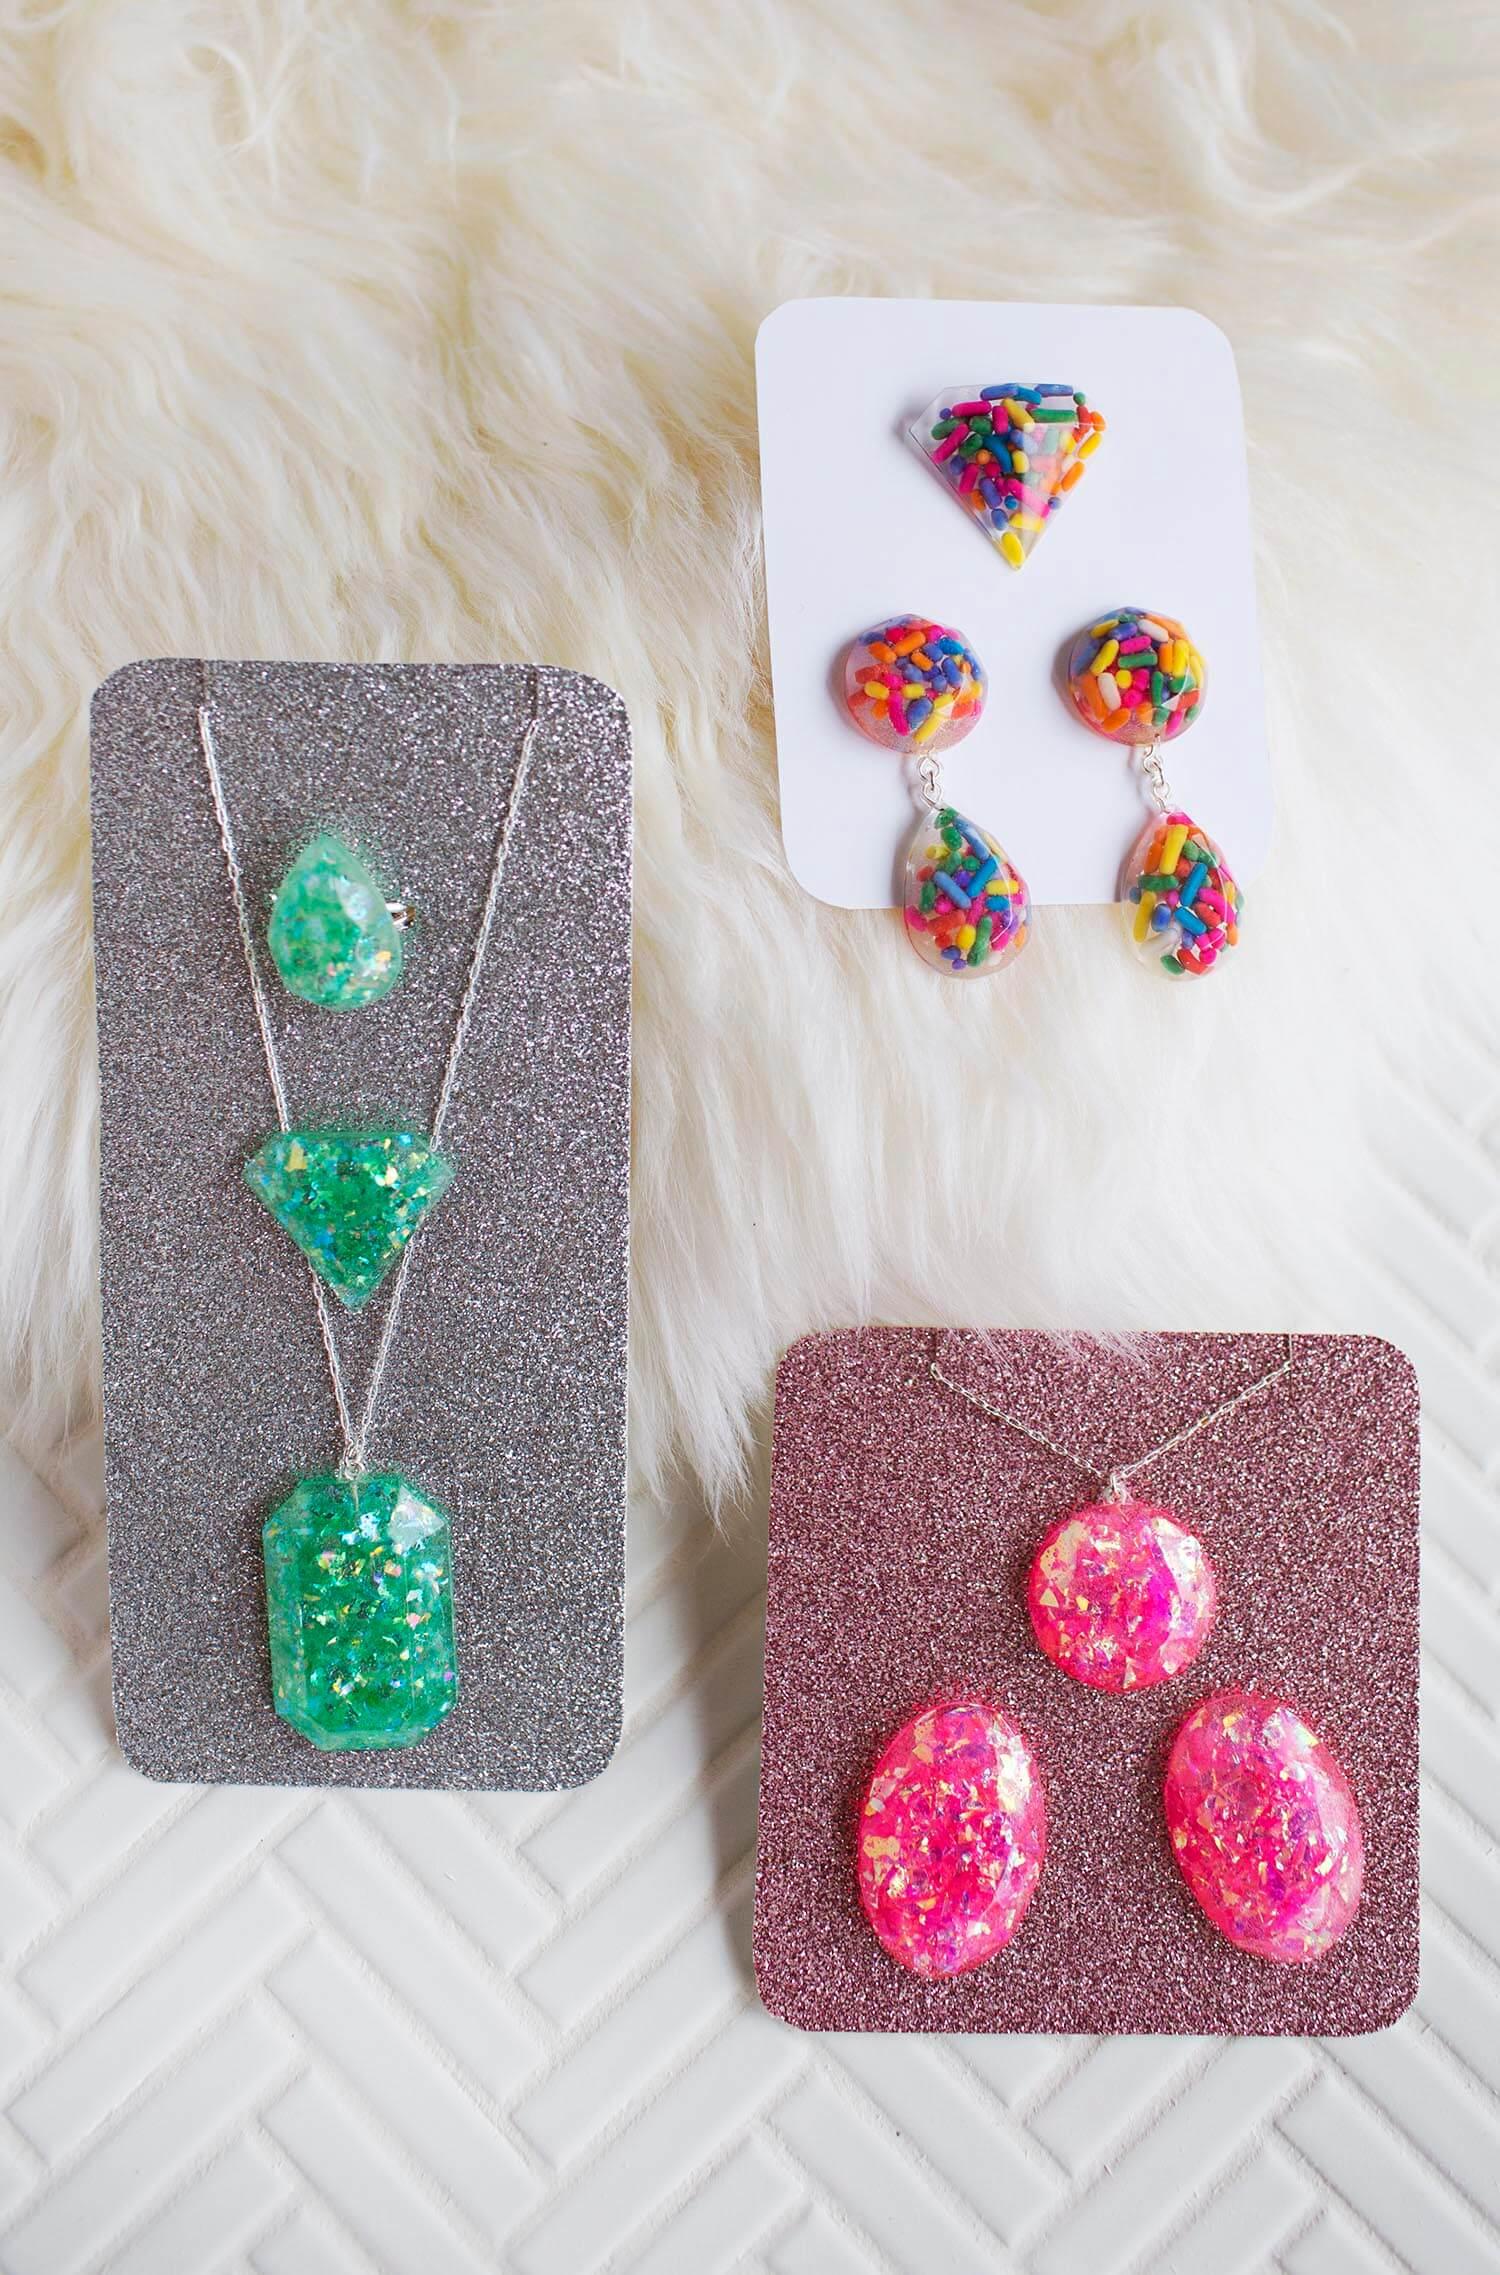 DIY Epoxy Resin Jewelry (via abeautifulmess.com)